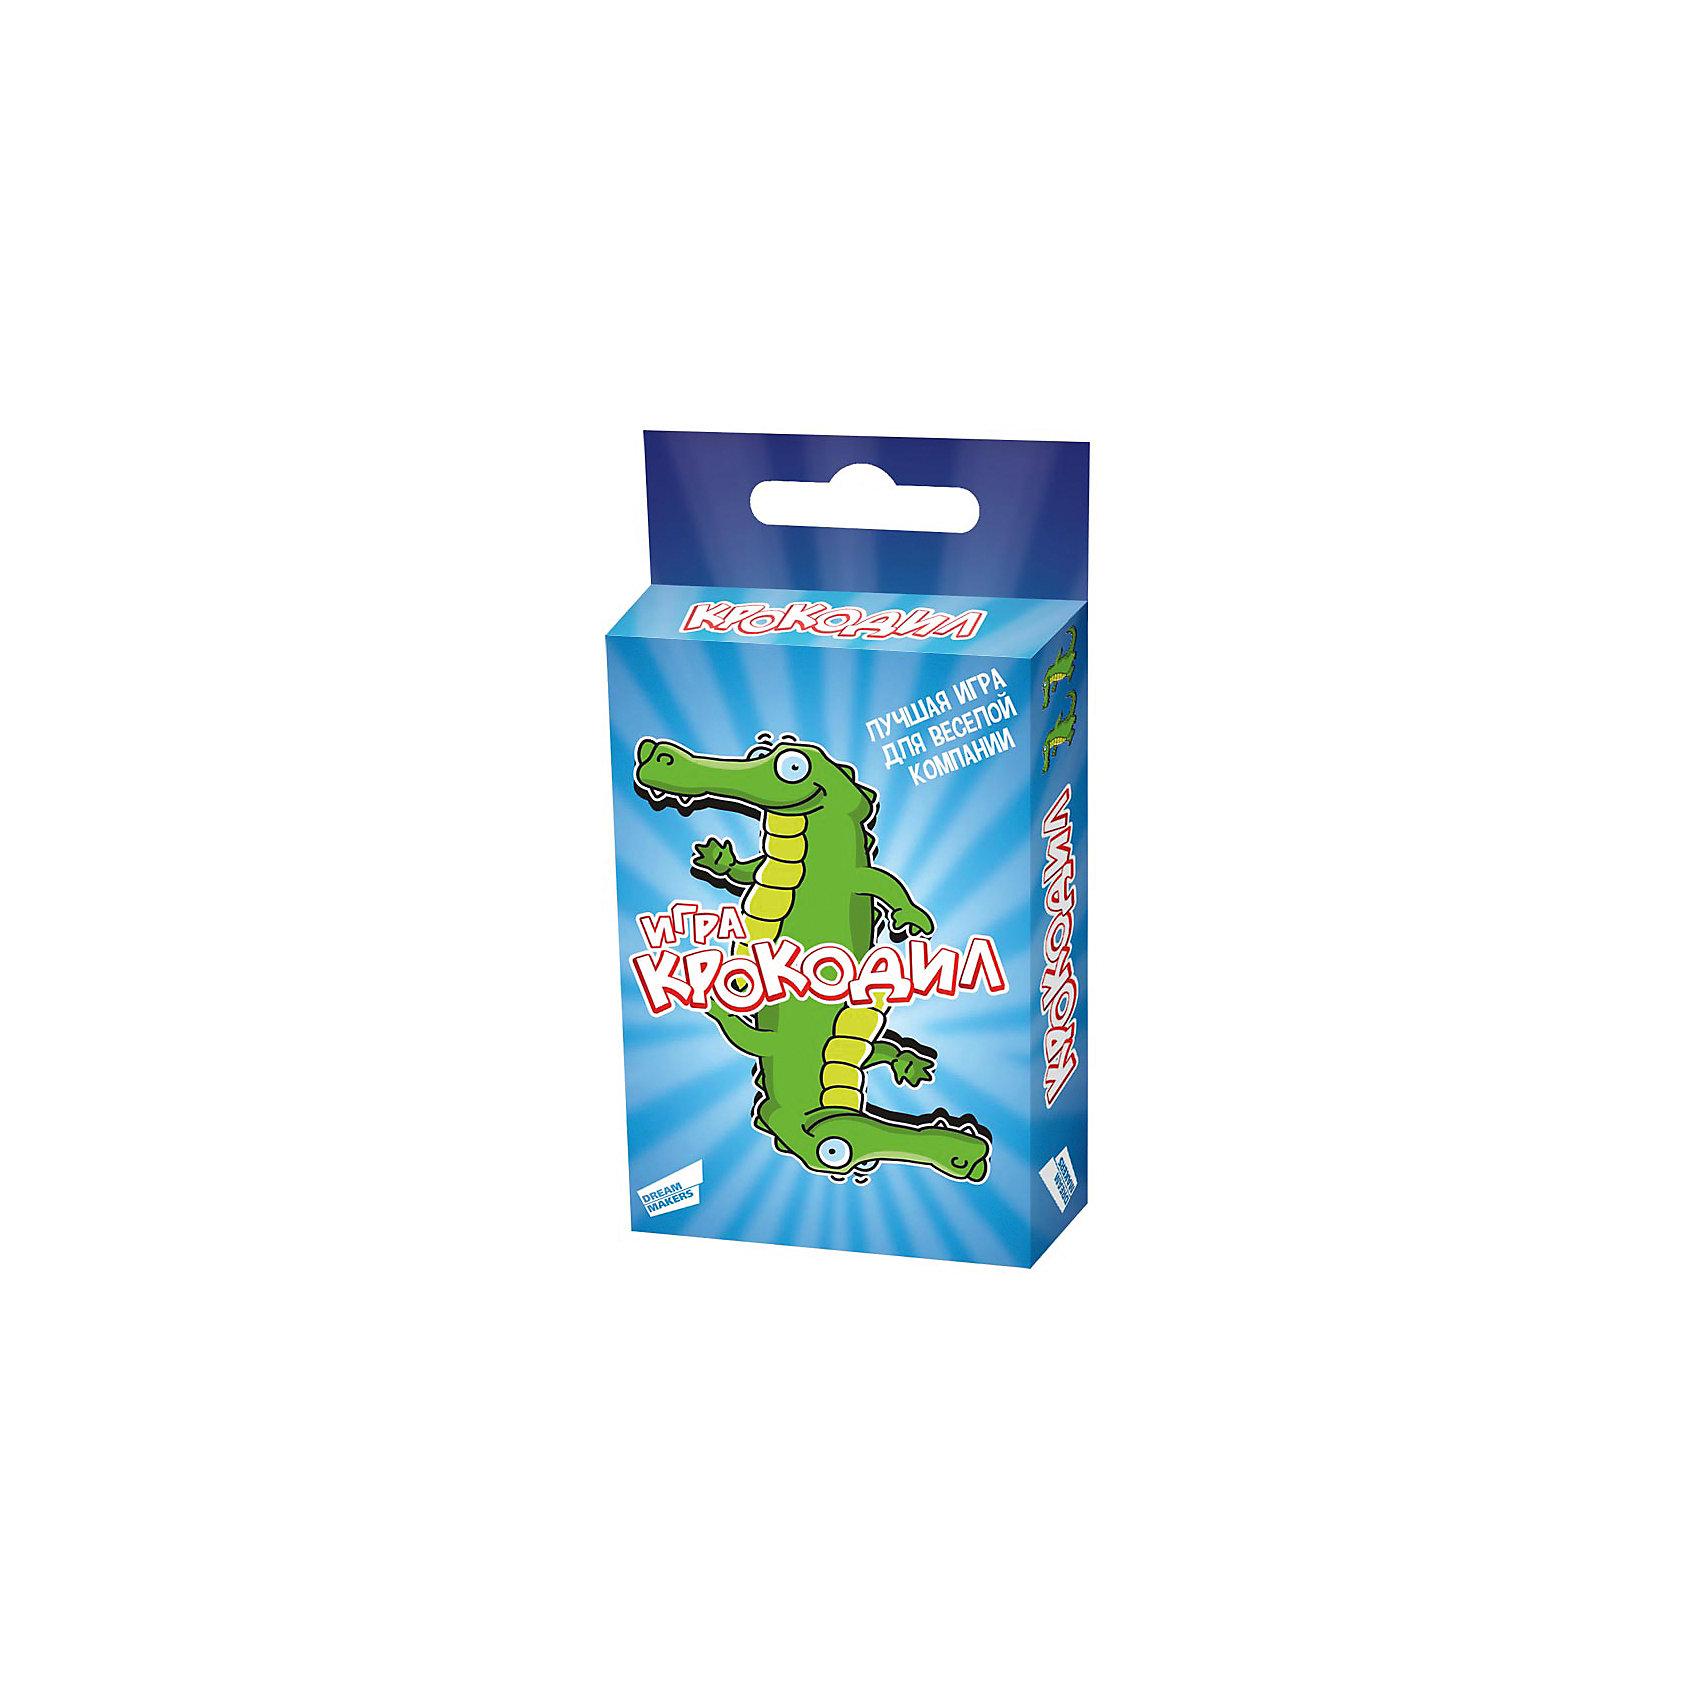 Настольная игра Крокодил Dream makersНастольные игры для всей семьи<br>«Крокодил» - это лучший способ весело провести время. Она не имеет ограничений по возрасту – в нее охотно играют, как дети, так и взрослые. Задача игроков - при помощи пантомимы объяснять значение слов. Вас ожидают уникальные задания разного уровня сложности. Игра для детей от 10 лет, рассчитанная на 2 и более игроков, развивает навыки общения. Время игры 30 минут. Комплектность: игровые карточки 30 шт., правила игры.<br><br>Ширина мм: 88<br>Глубина мм: 59<br>Высота мм: 12<br>Вес г: 80<br>Возраст от месяцев: 120<br>Возраст до месяцев: 2147483647<br>Пол: Унисекс<br>Возраст: Детский<br>SKU: 7040264